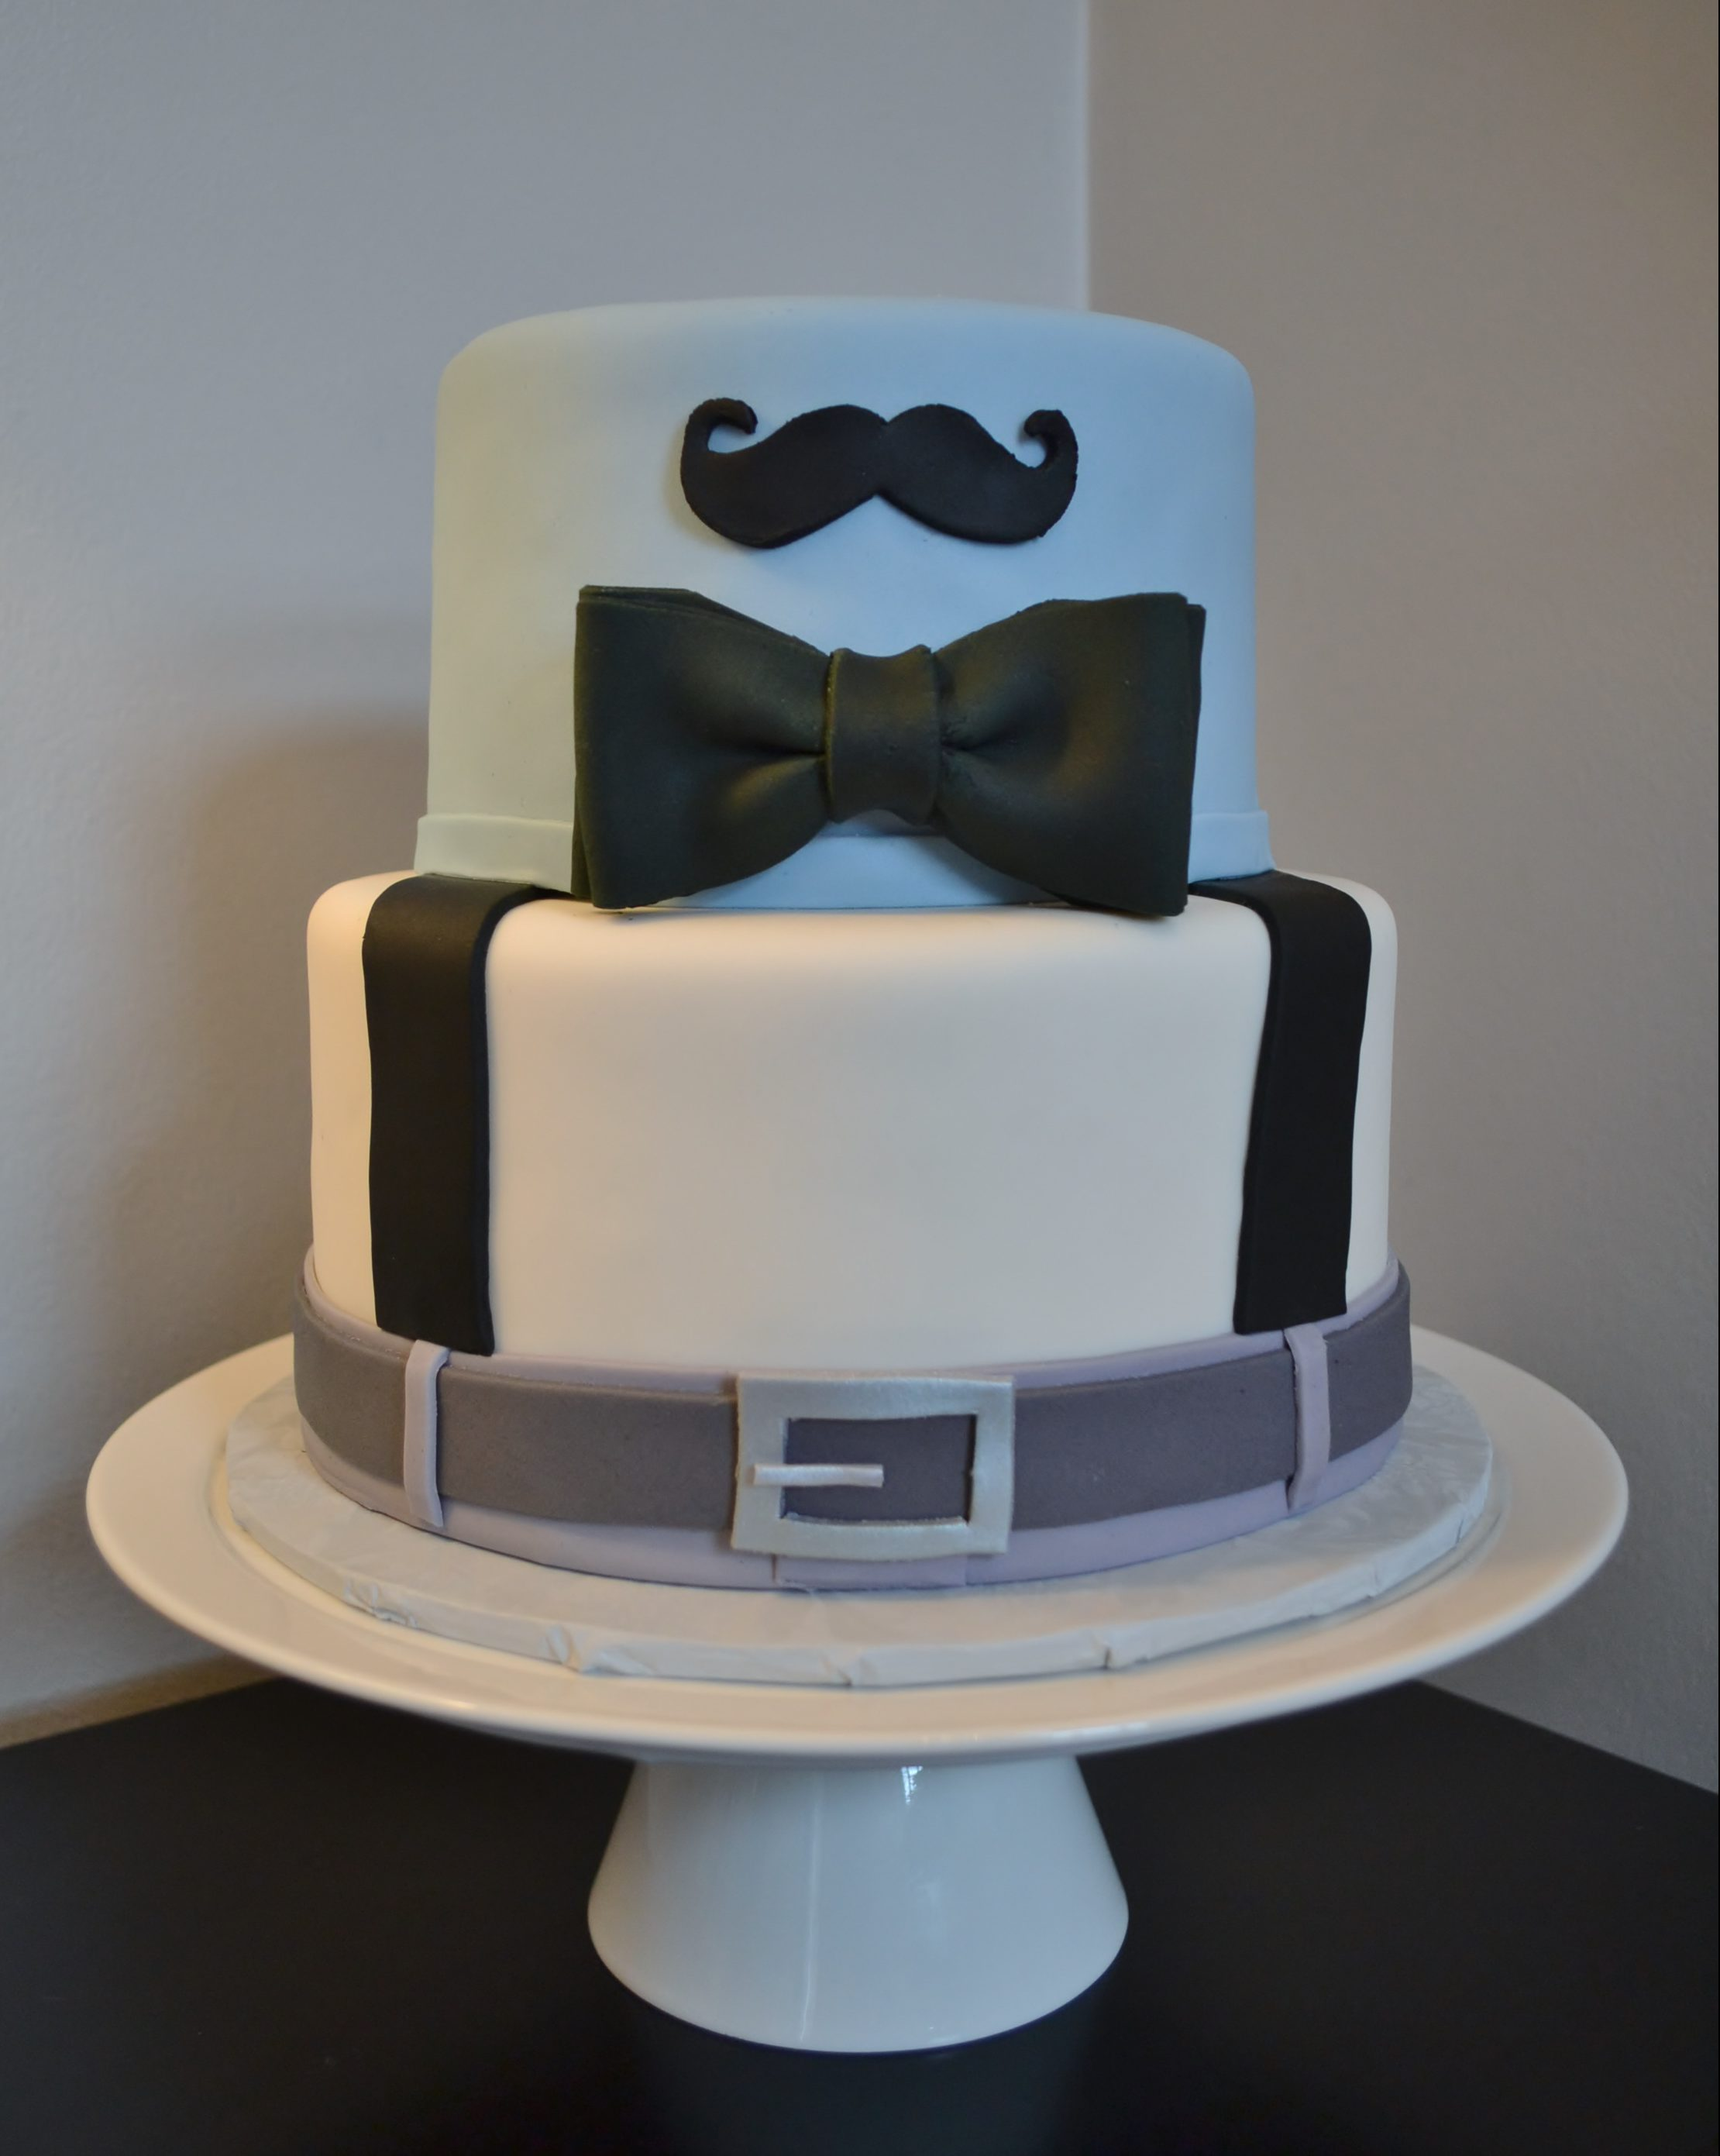 It Takes The Cake Custom Cakes Washington Dc Metro Area